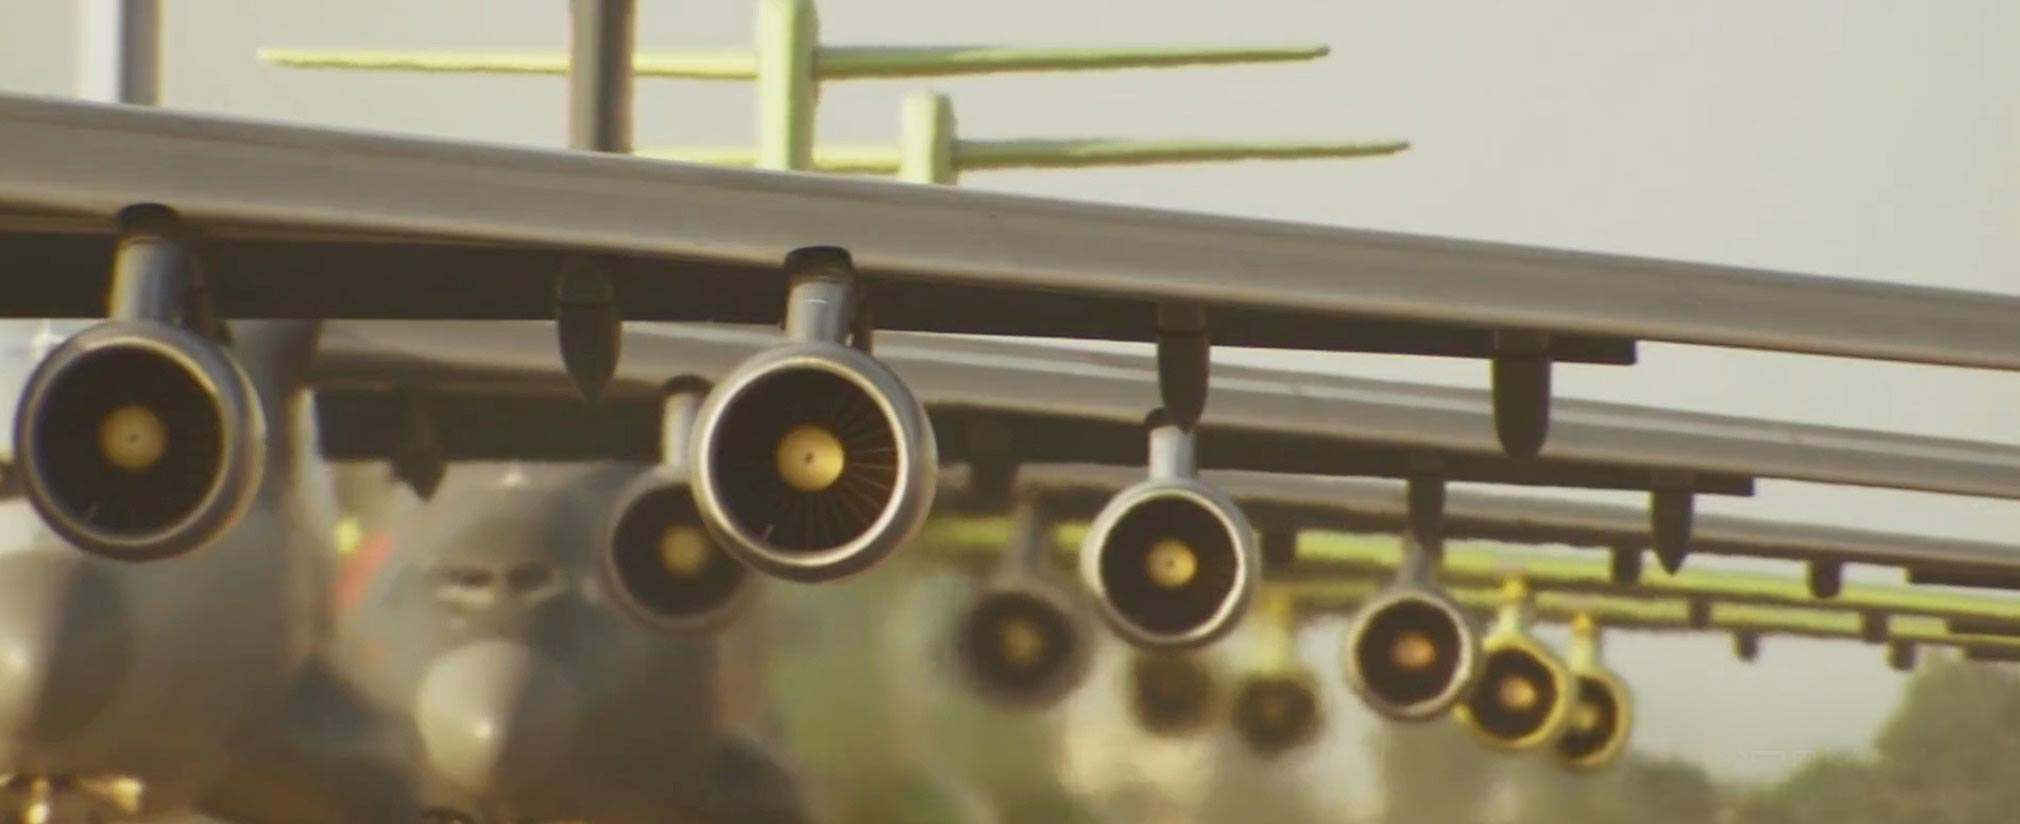 """近日网上传出中国国产大型运输机运20进行""""大象漫步""""画面。画面显示,至少5架运20列队滑行,十分壮观!"""